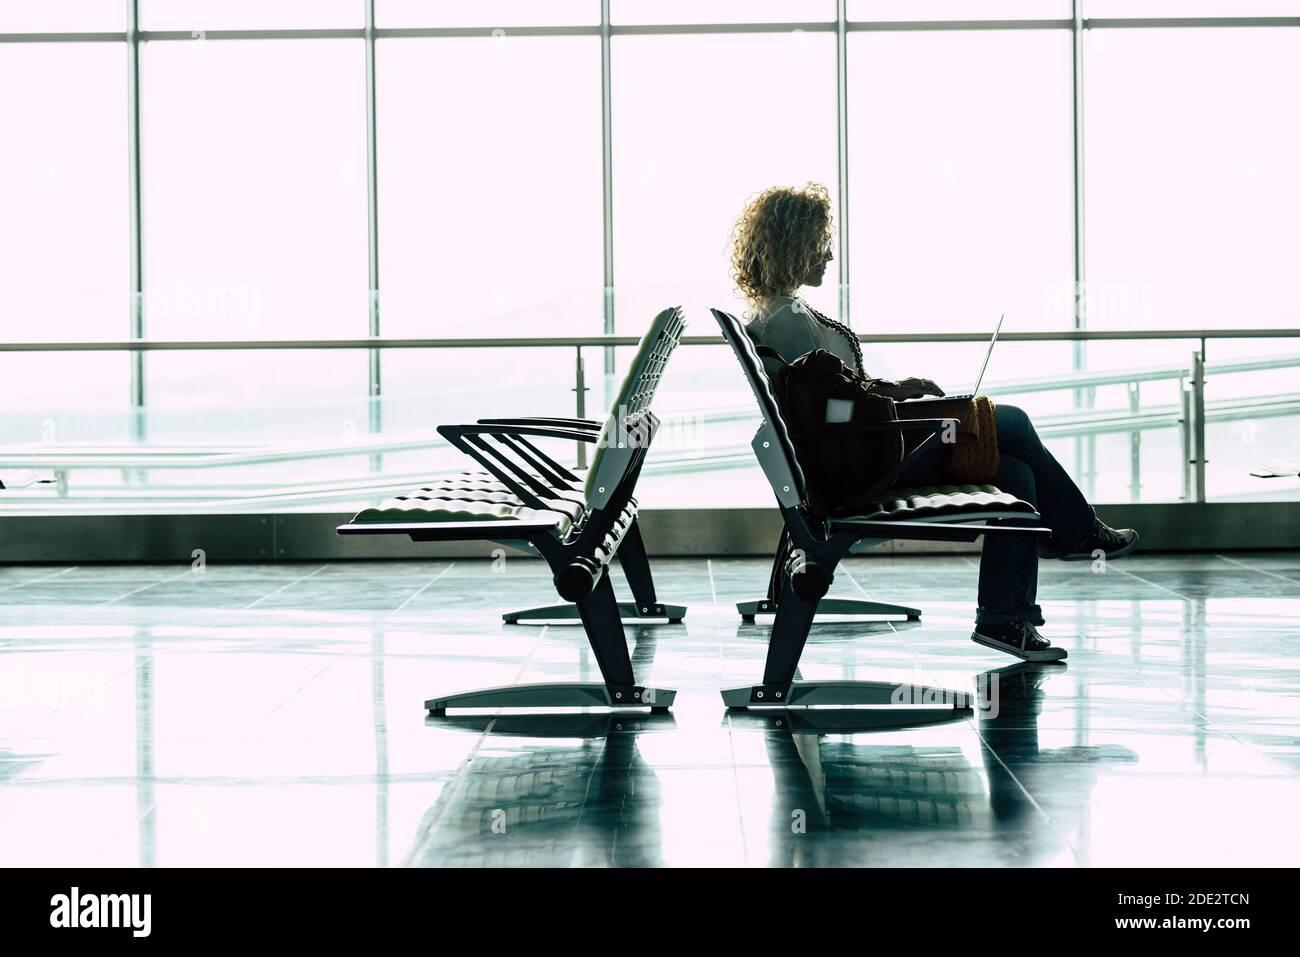 Viajar y trabajar en línea trabajo personas en la puerta del aeropuerto - la mujer se sienta y espera su vuelo con ordenador portátil en funcionamiento inteligente o nómada digital Foto de stock